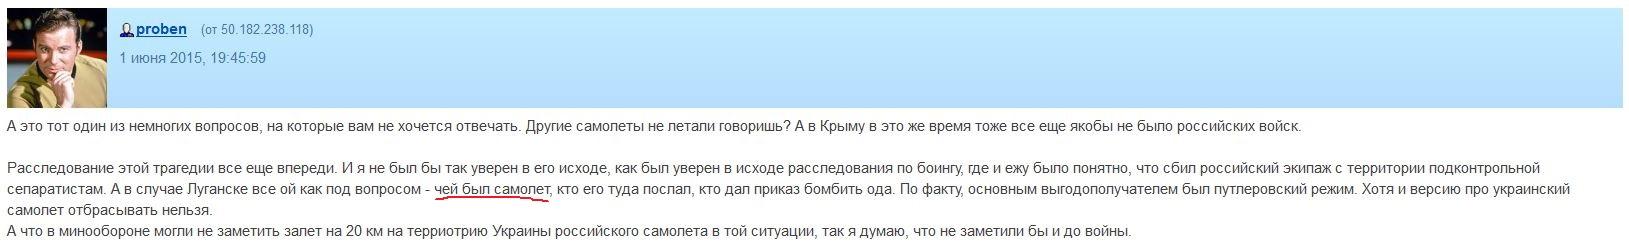 ЛОГА-1